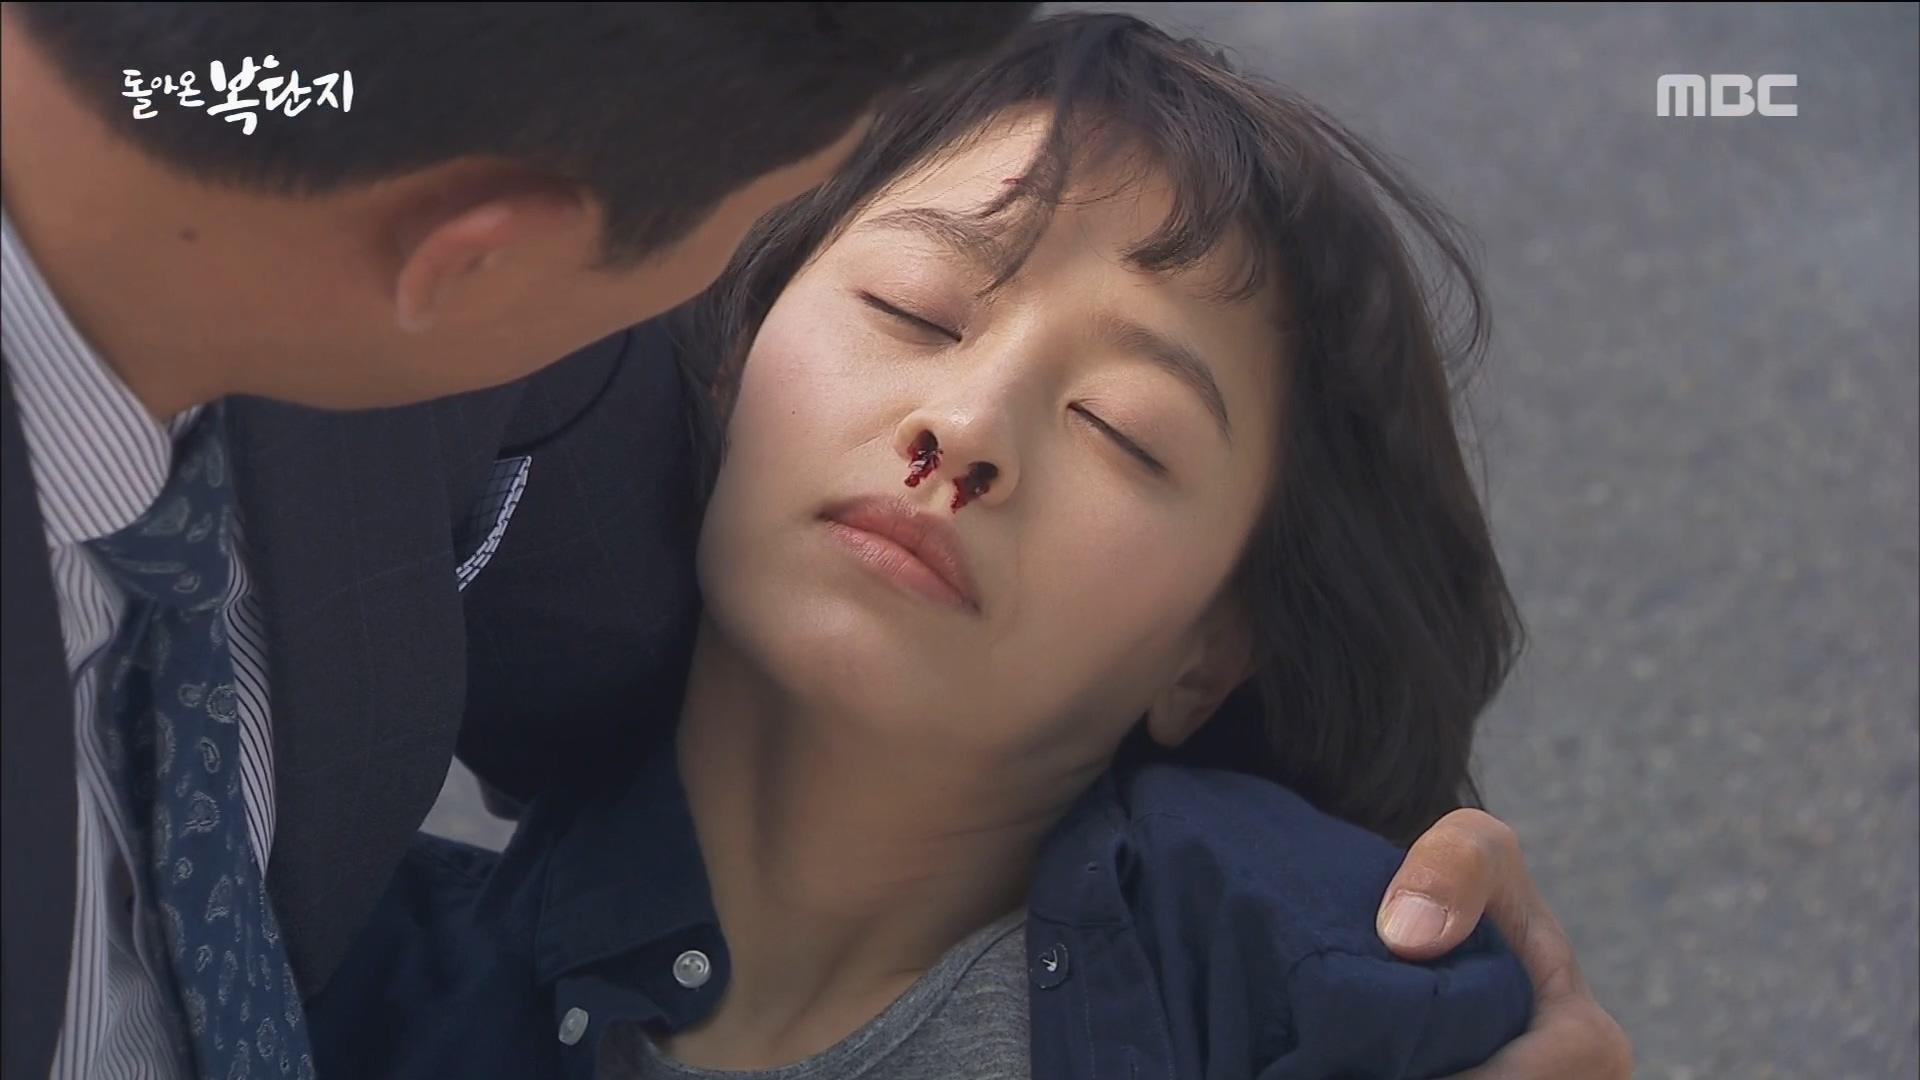 고세원, 강성연 납치범으로 오해해!